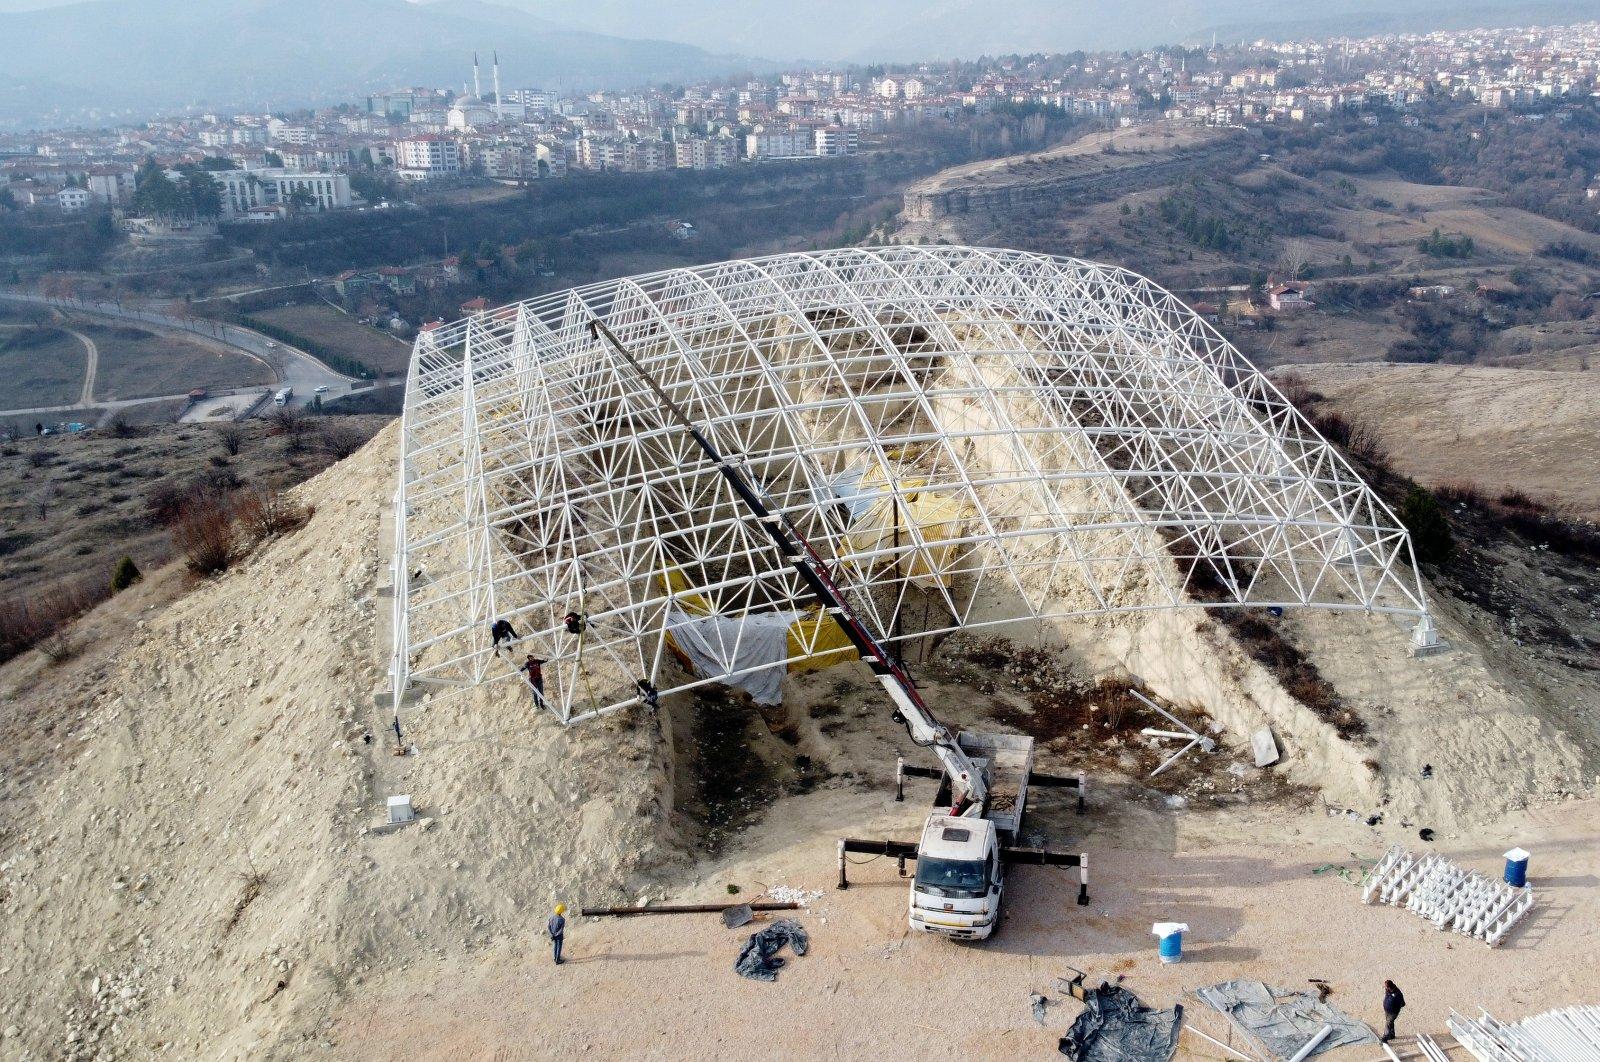 The roof covering over the Göztepe Tumulus is seen in Karabük, northern Turkey, Jan. 9, 2020. (AA Photo)